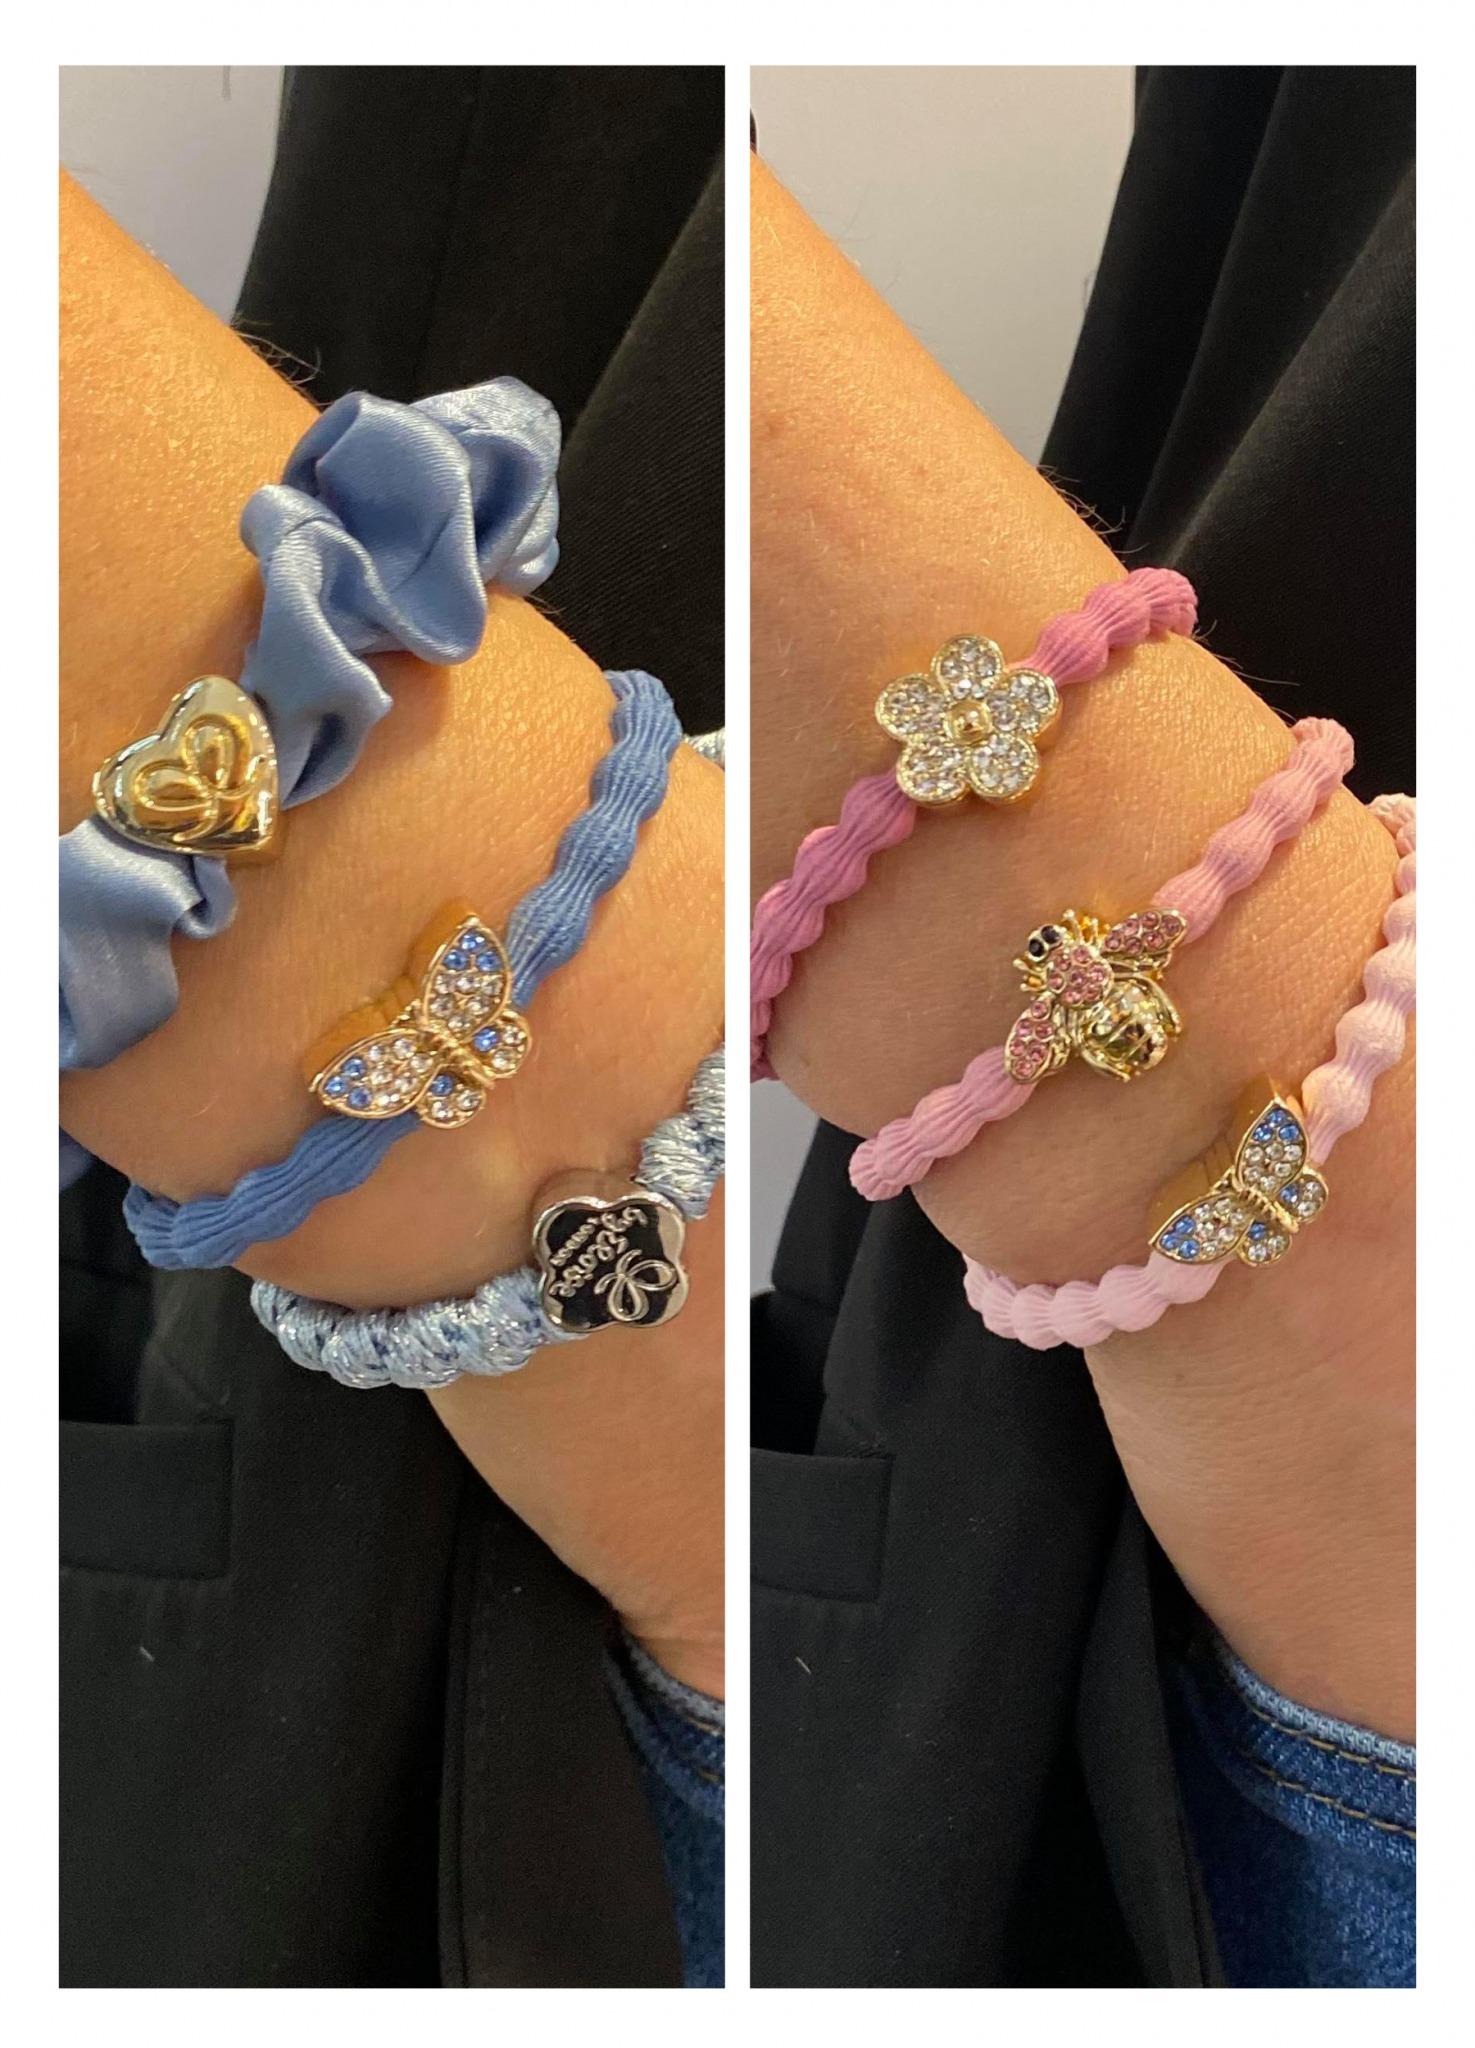 to bilder av håndledd pyntet med lekre hårstrikker som ser ut som armbånd